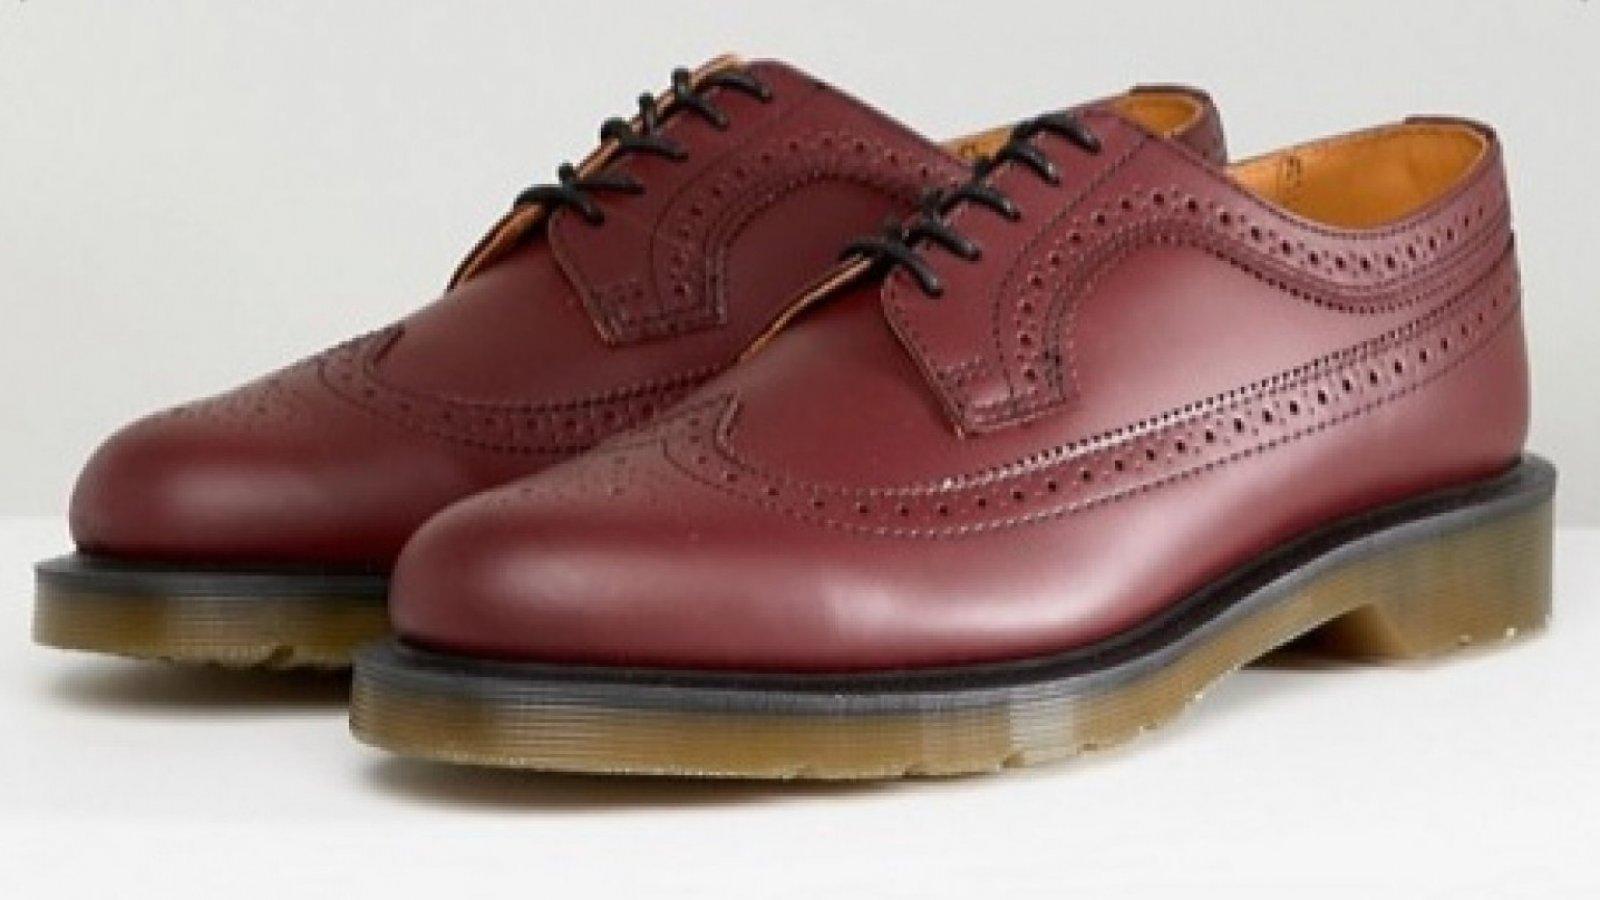 Unos zapatos clásicos pero con un toque renovado.